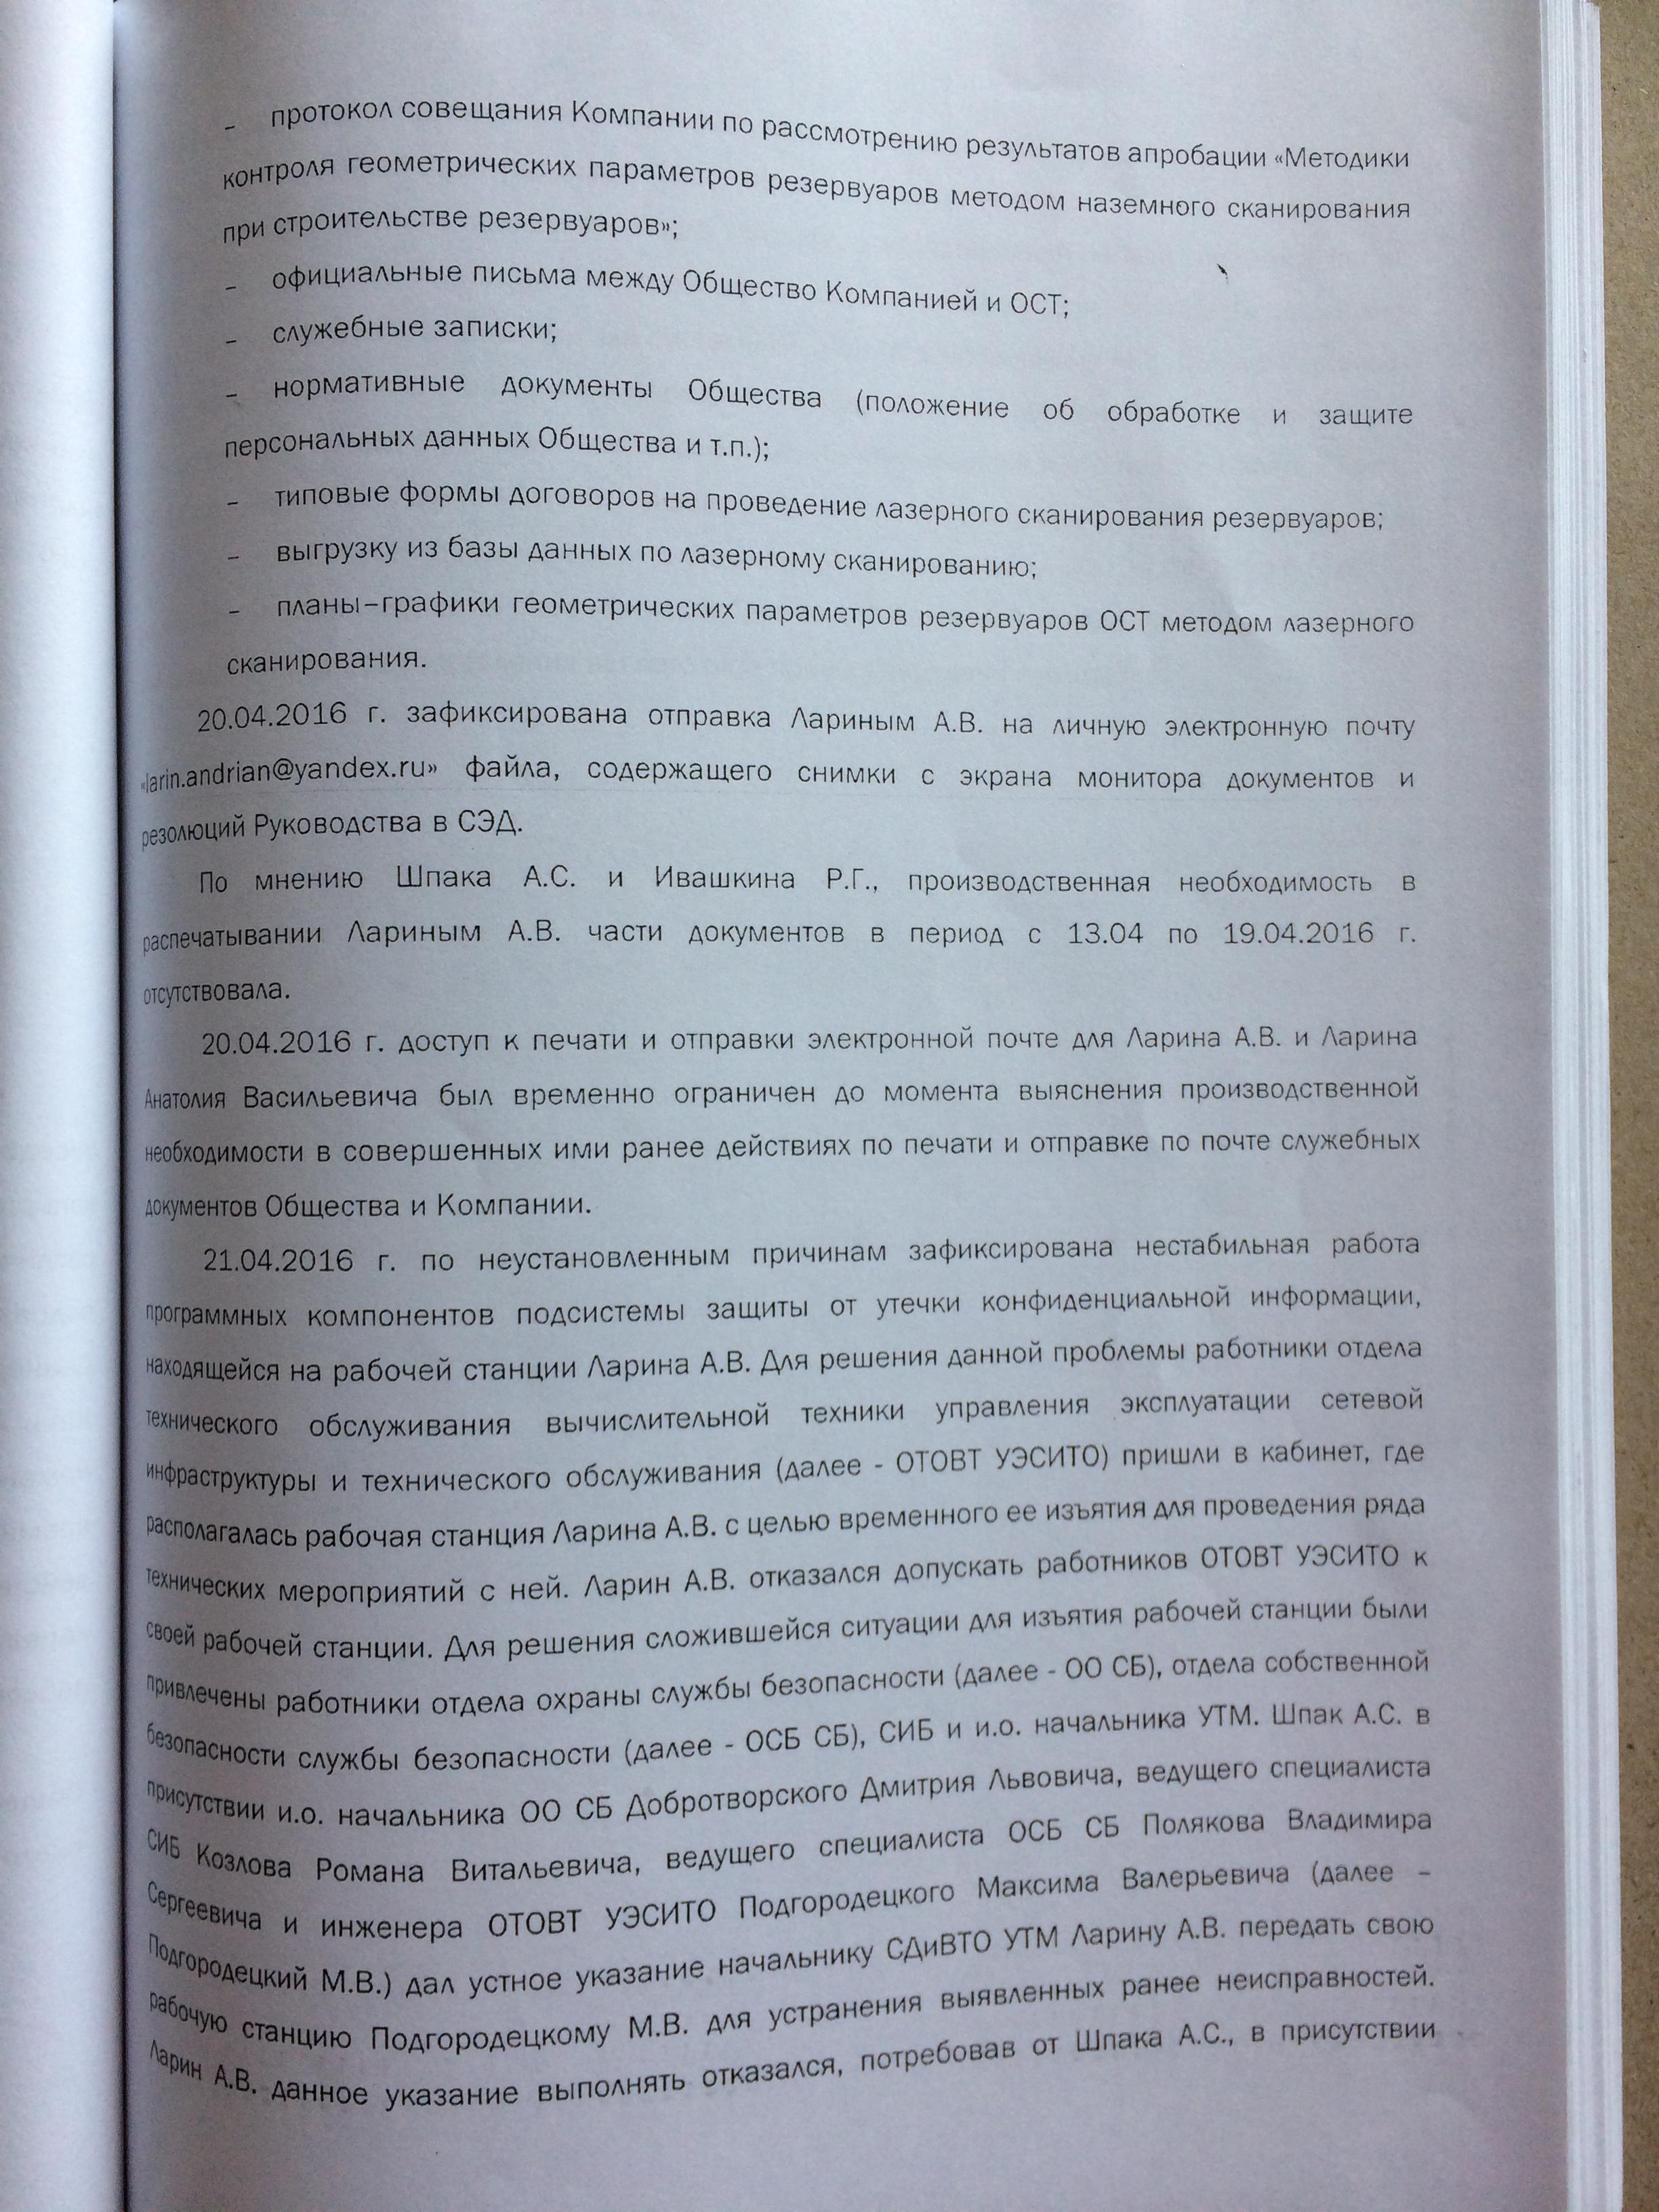 Фото документов проверки Луховицкой городской прокуратурой - 30 (5)